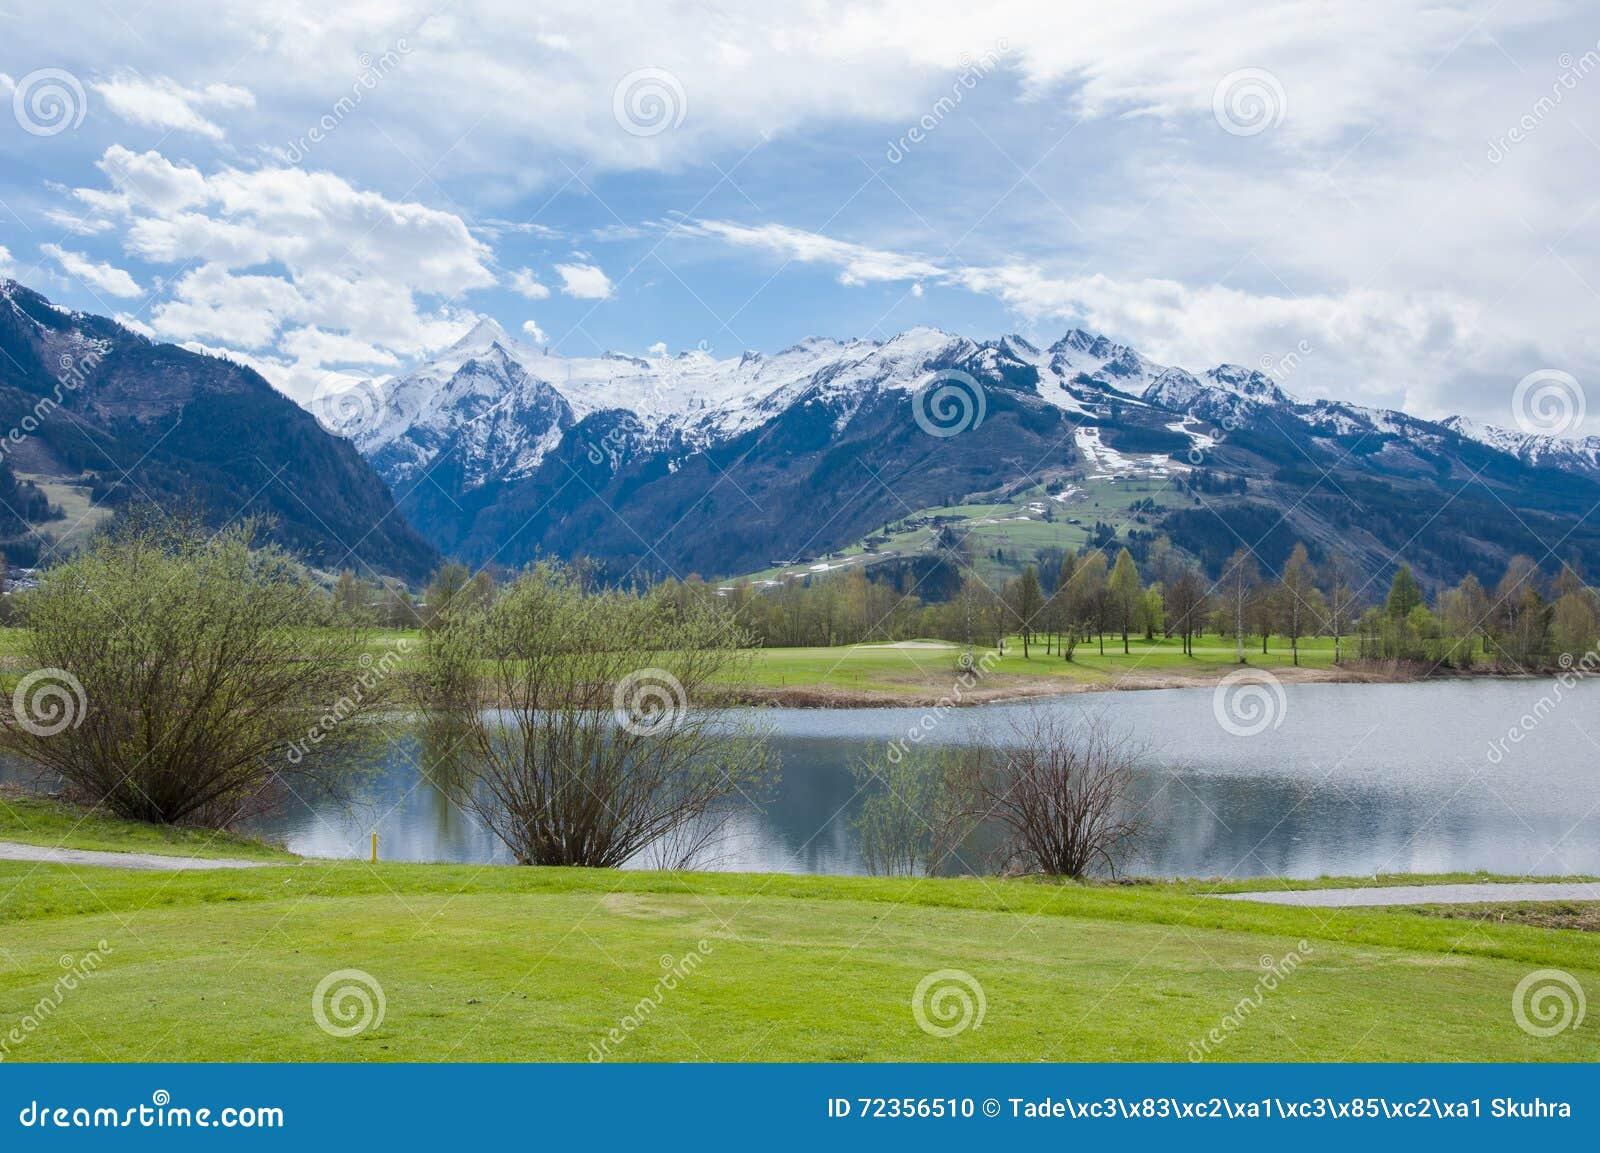 Поле для гольфа в горах